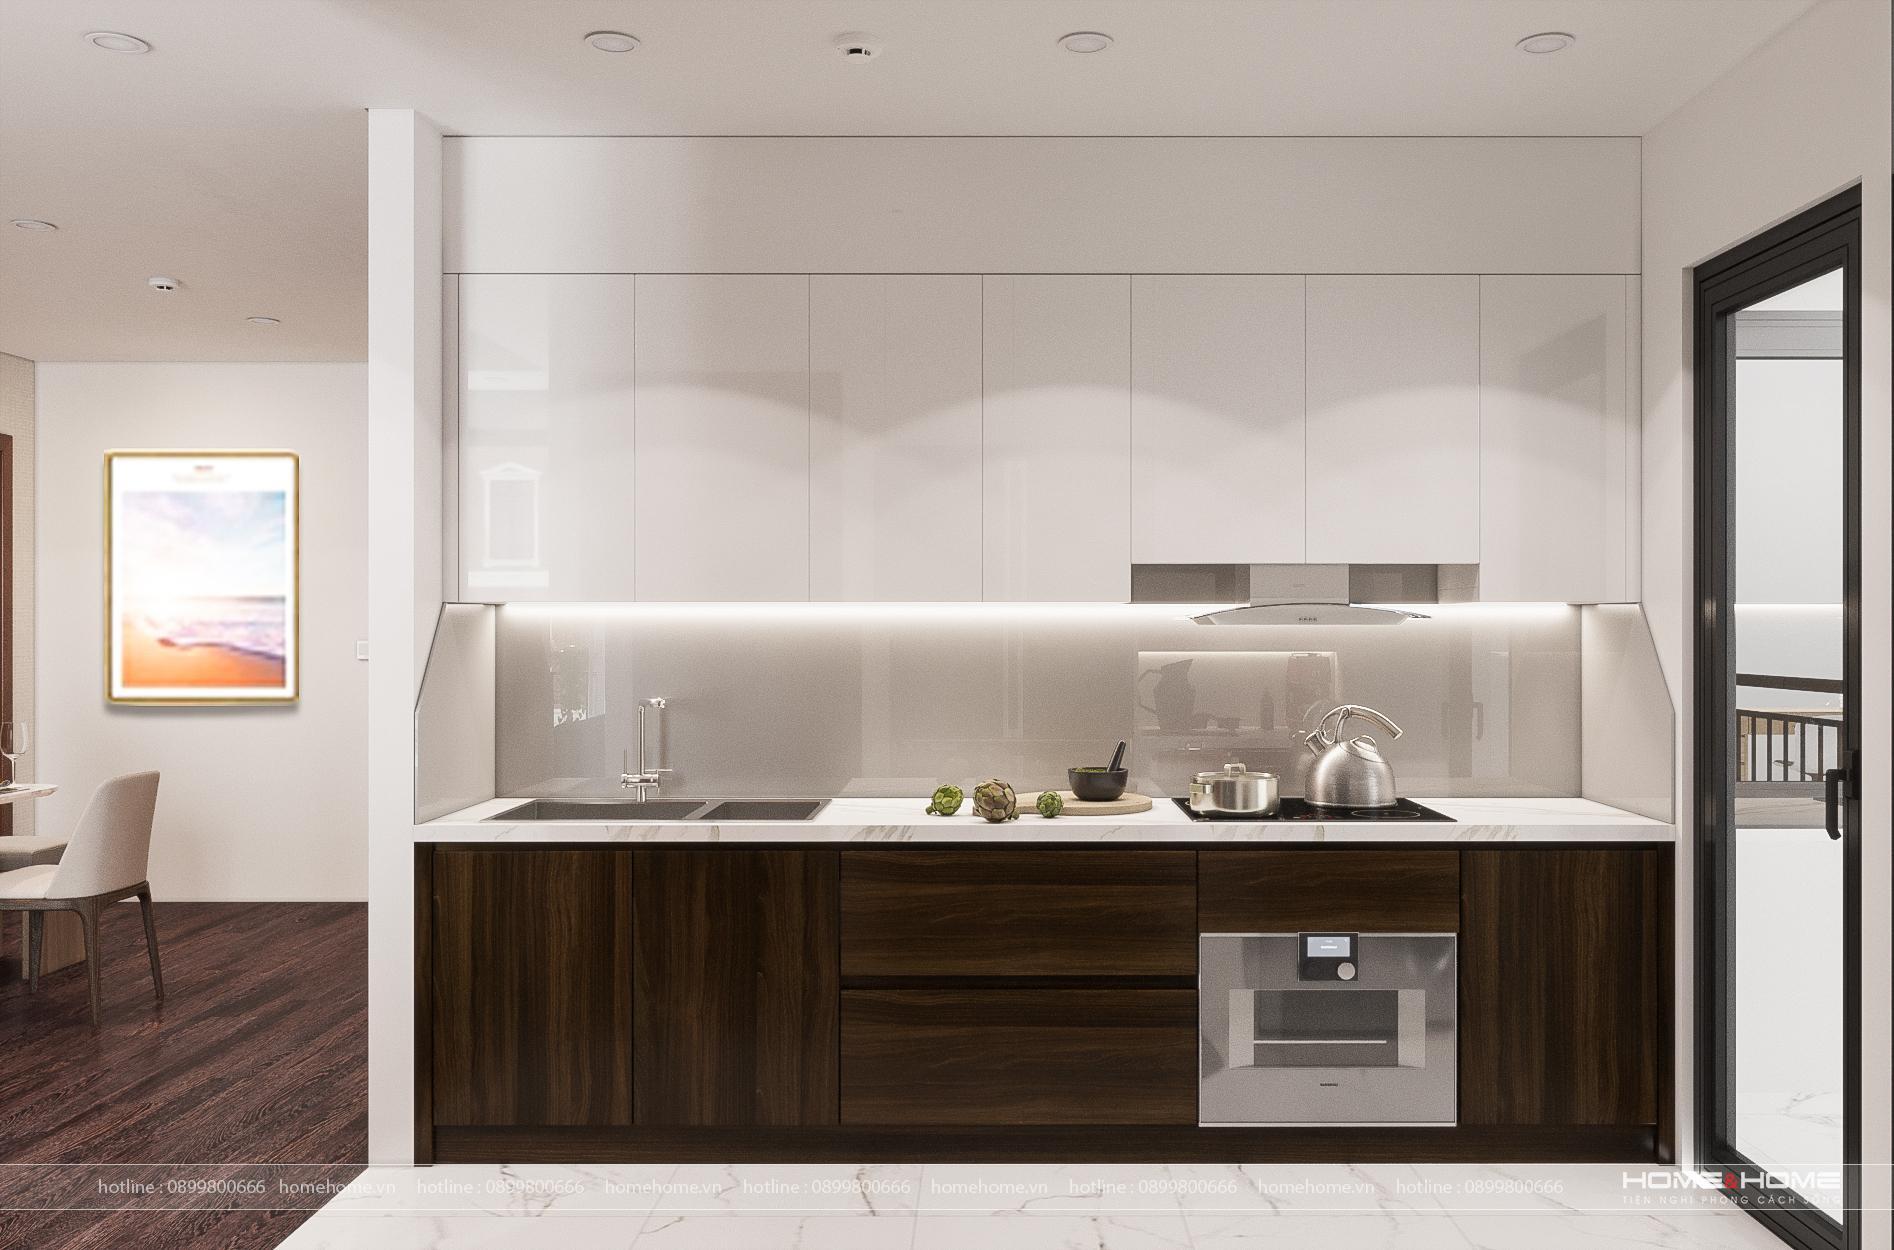 Thiết kế nội thất bếp chung cư có nên lựa chọn gỗ công nghiệp